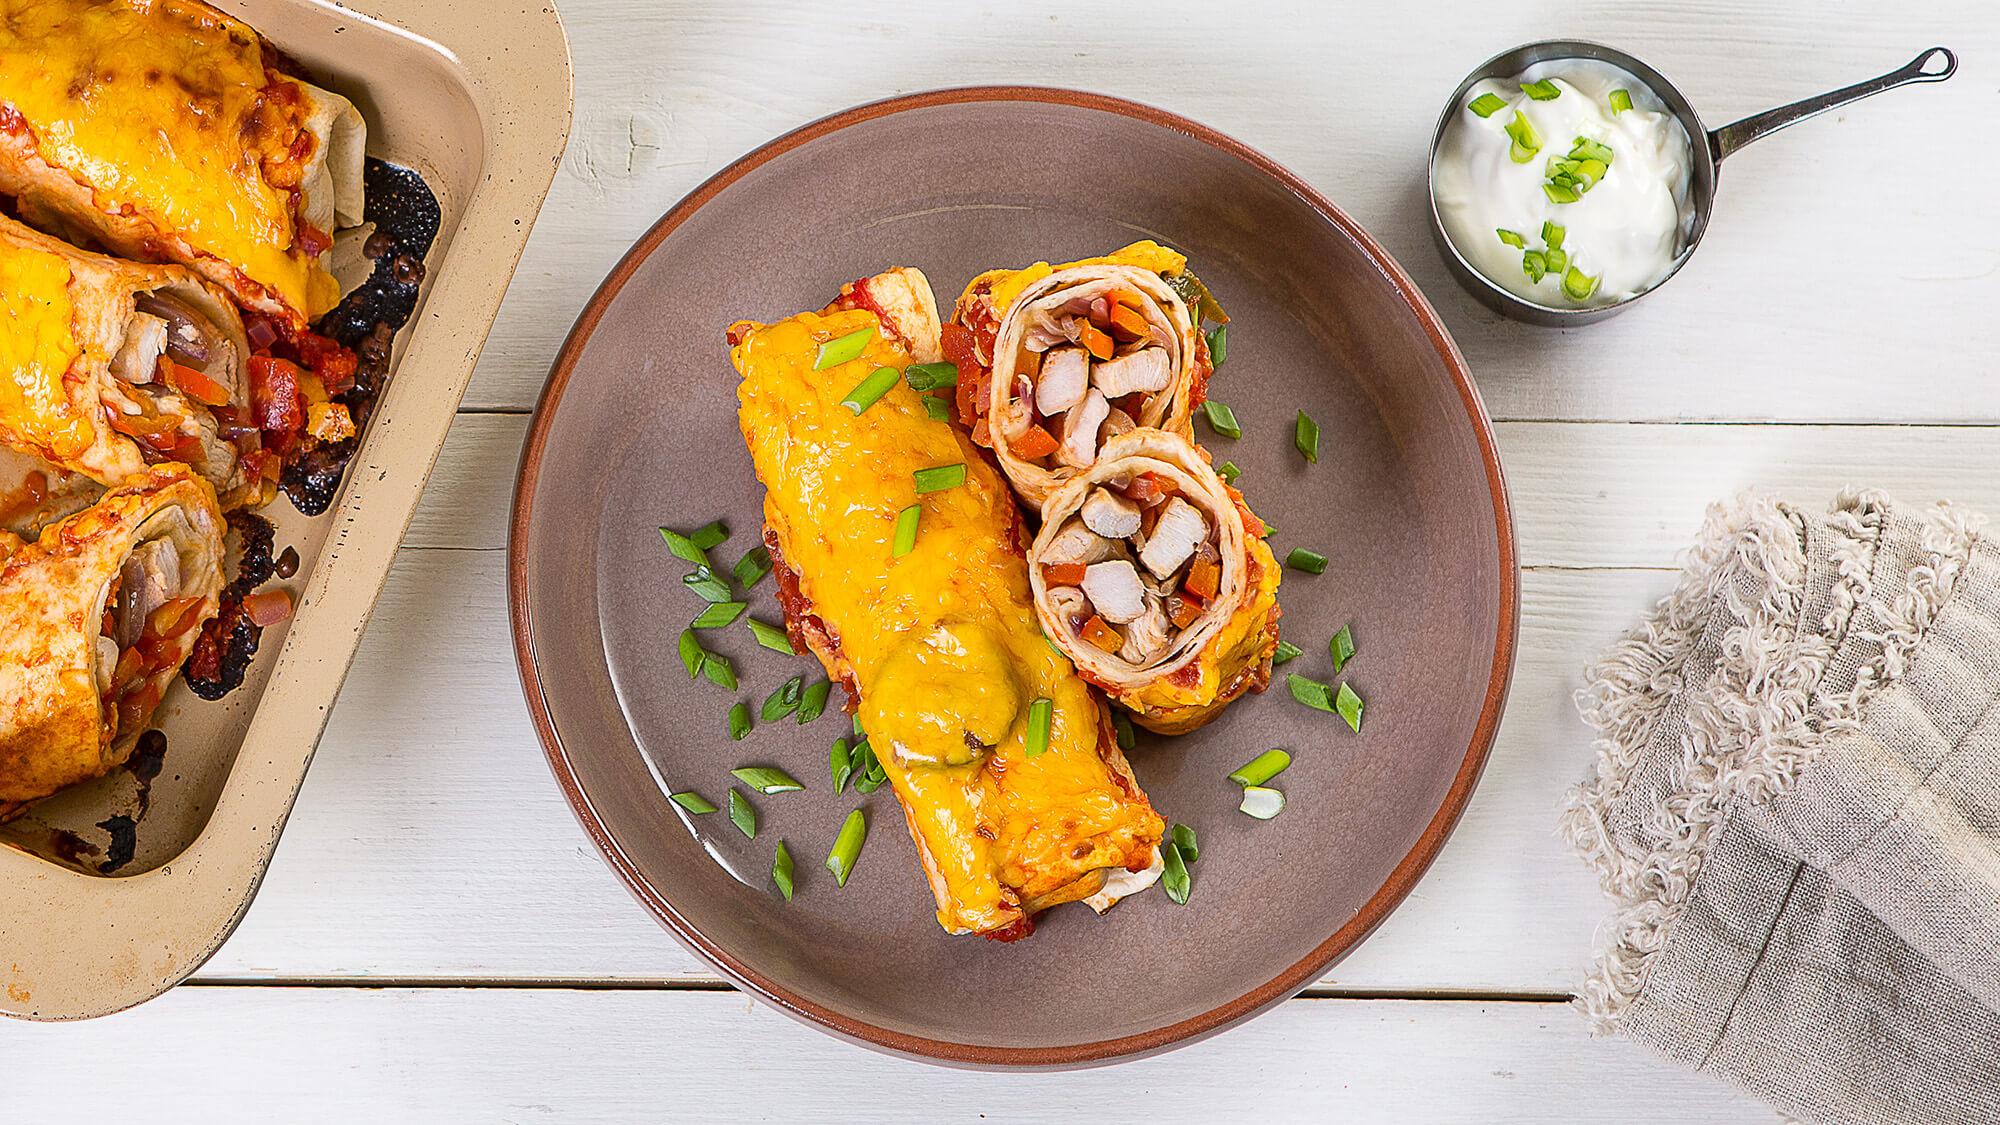 Энчиладос с индейкой в томатном соусе со сметаной